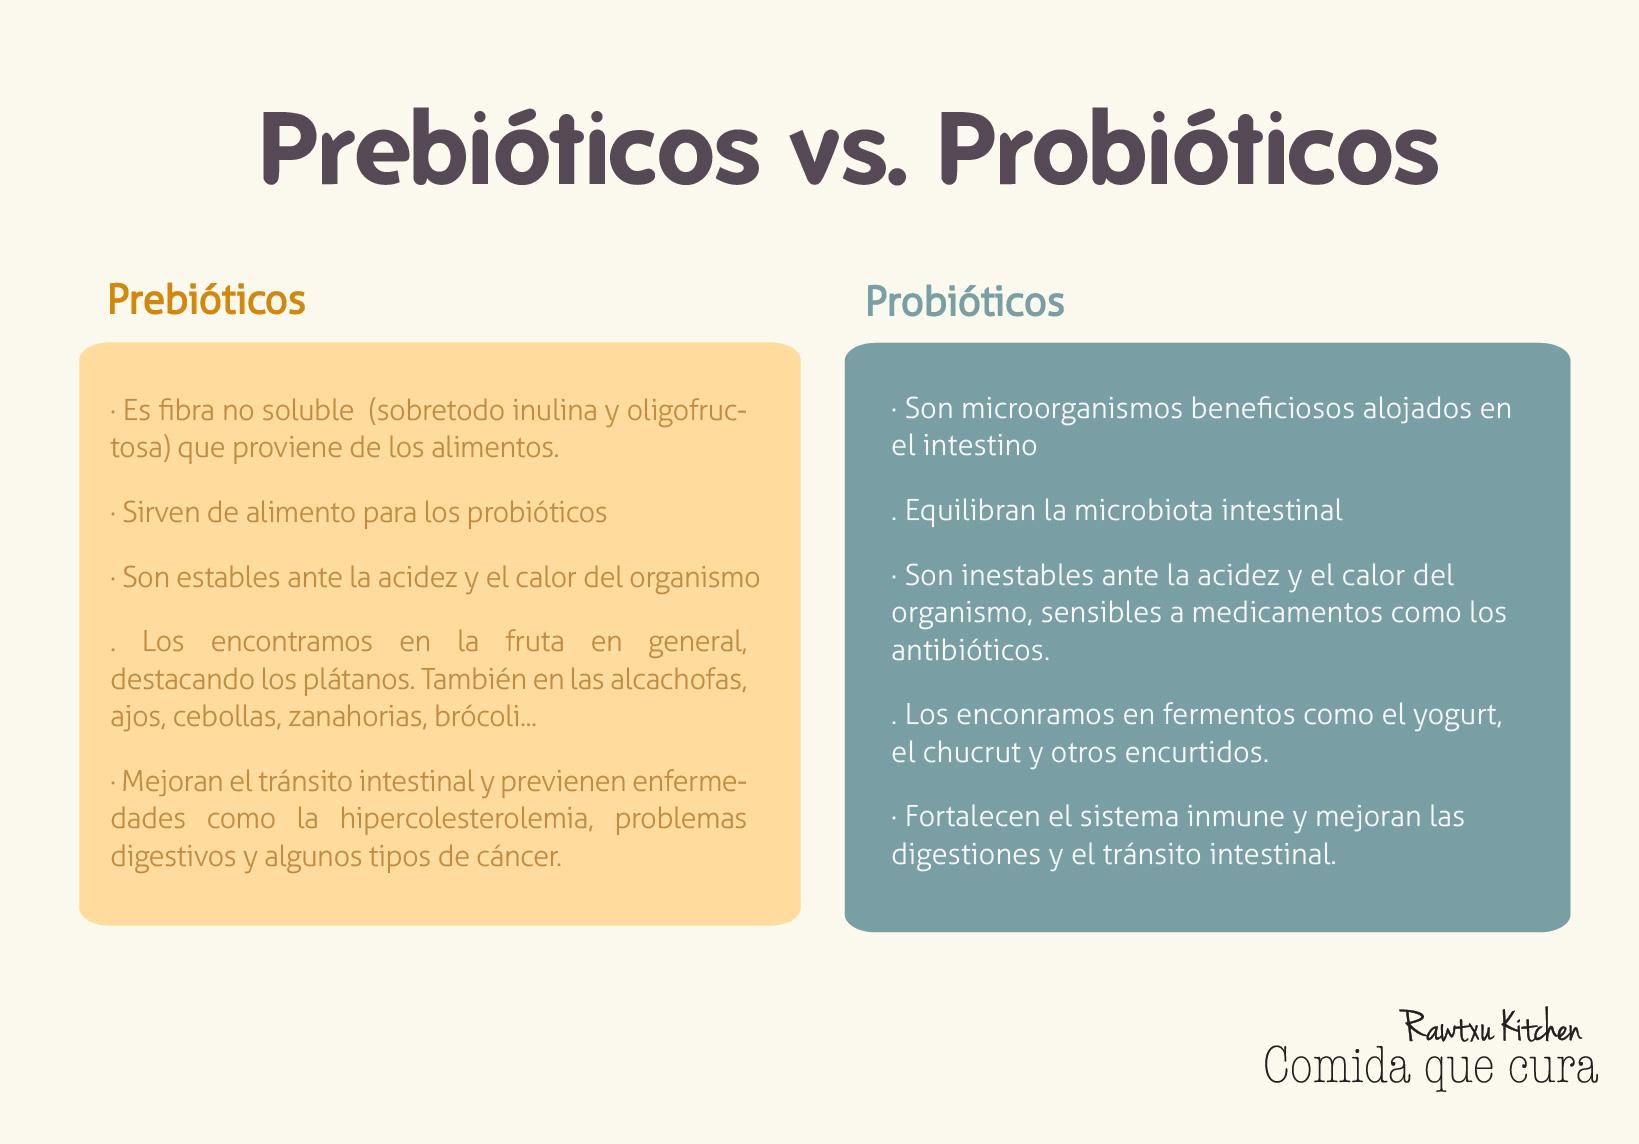 Desayuno comida que cura - Alimentos con probioticos y prebioticos ...